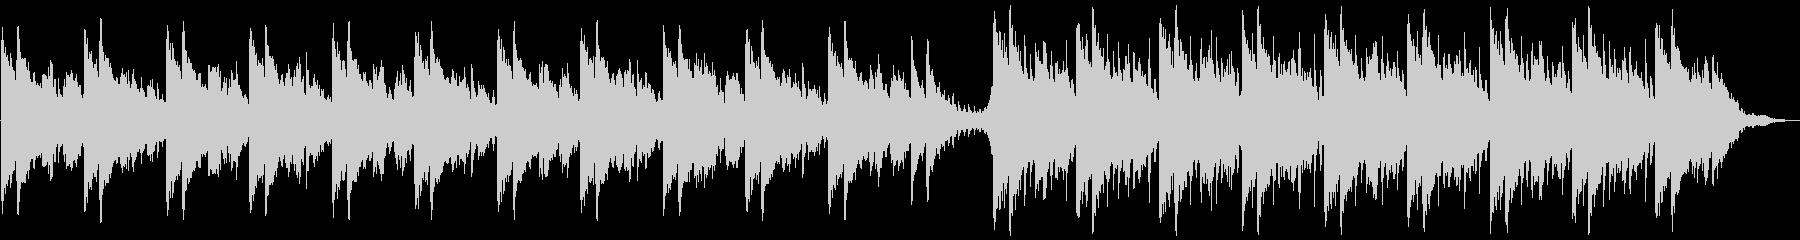 ピアノ・ストリングス・カメラ・VLOGの未再生の波形